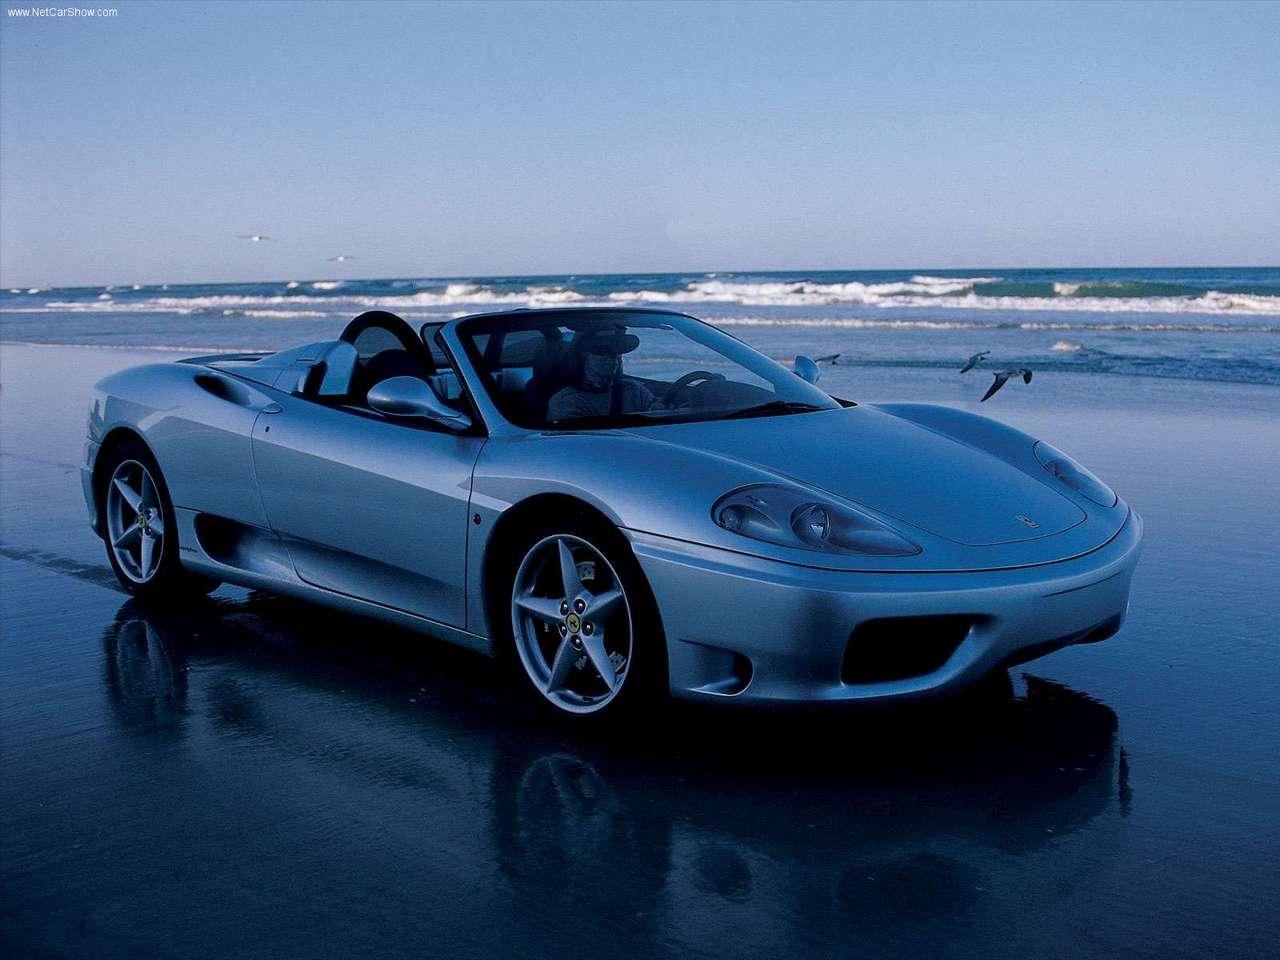 http://2.bp.blogspot.com/-5hriq_jUKvg/TYwmoc8SaUI/AAAAAAAADVY/7po-SJLPCyQ/s1600/Ferrari-360_Spider_2001_1280x960_wallpaper_03.jpg